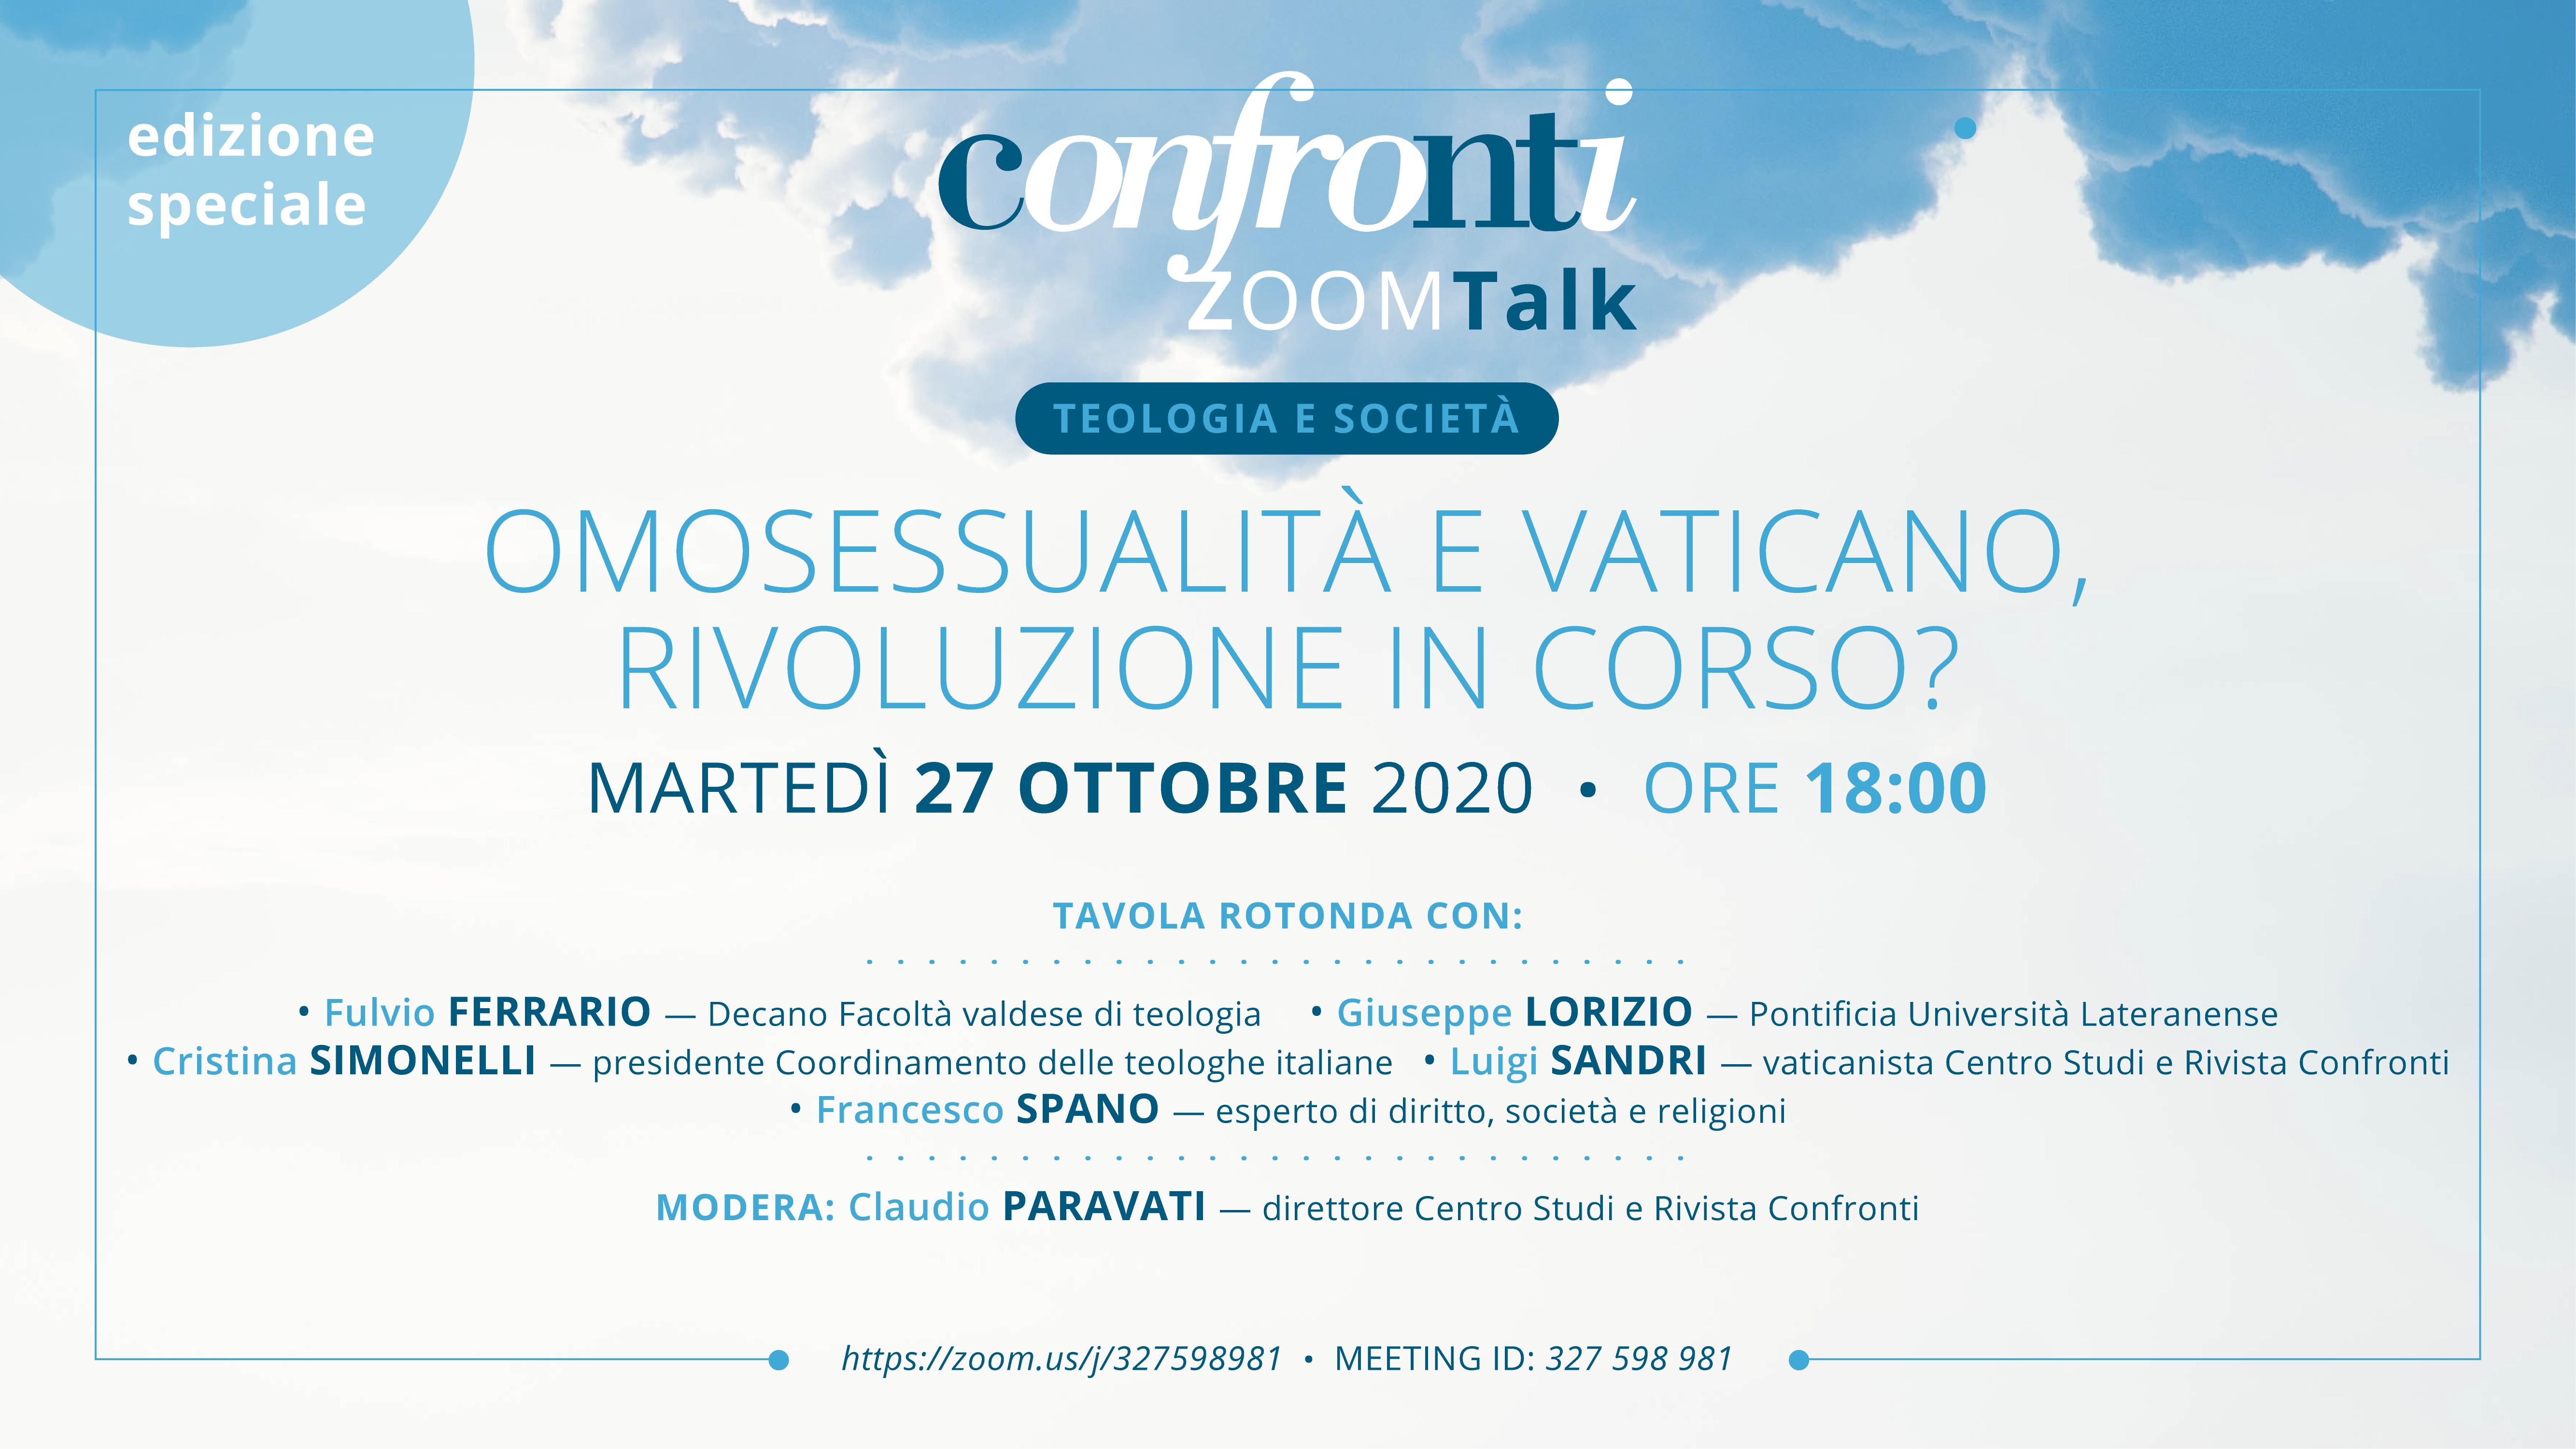 27.10.2020, ONLINE: Omosessualità e Vaticano,  rivoluzione in corso?